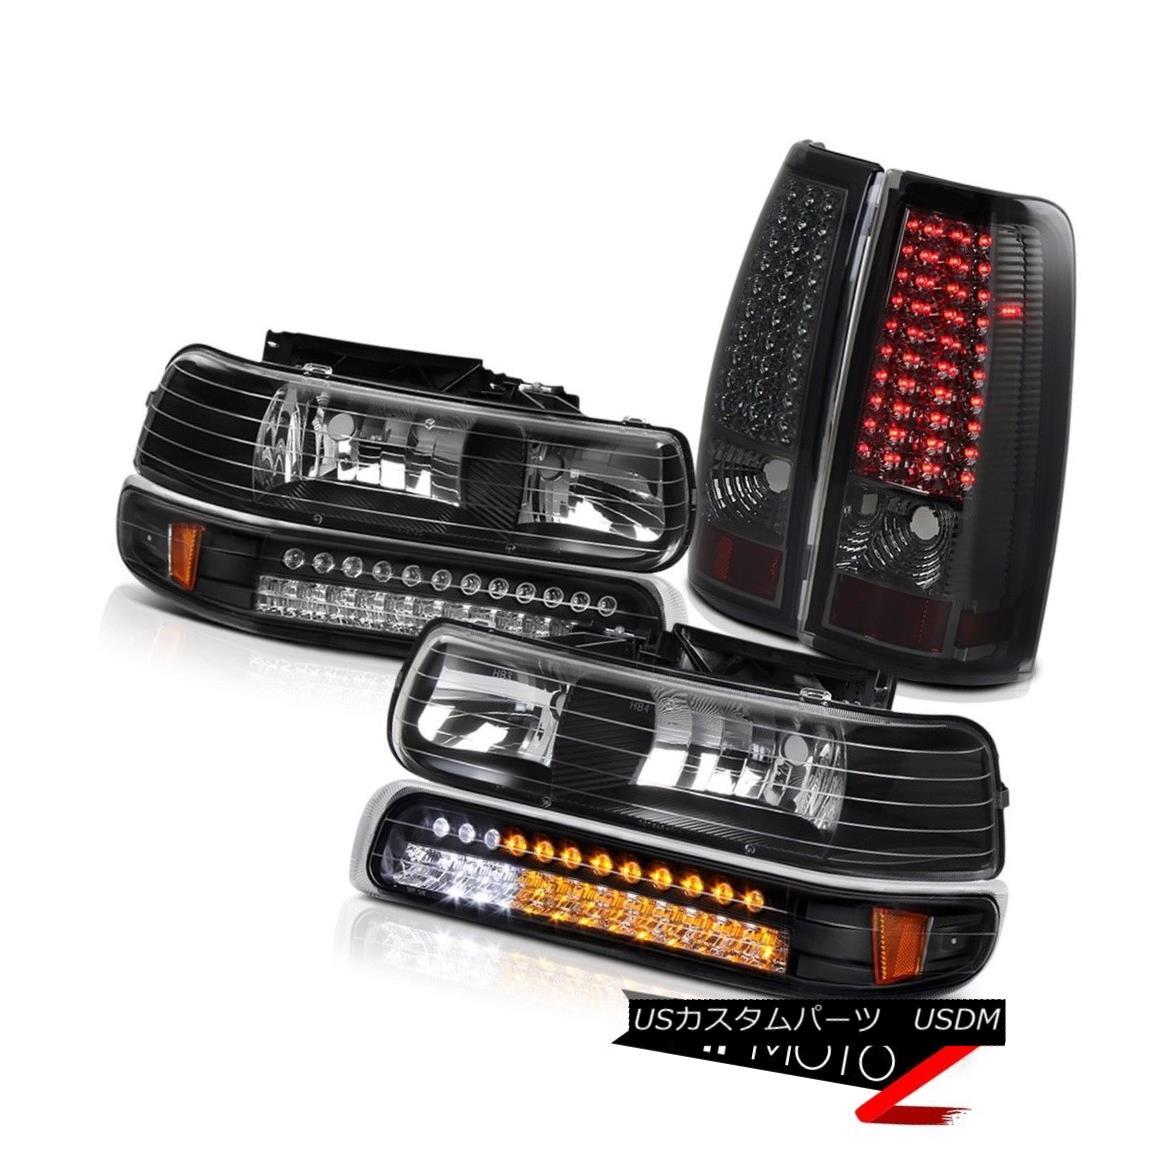 ヘッドライト CHEVY Silverado Standard Extended Crew BRIGHT LED] Smoke Tail Headlight Lamp SET CHEVYシルバラードスタンダード拡張クルーBRIGHT LED]スモークテールヘッドライトランプSET